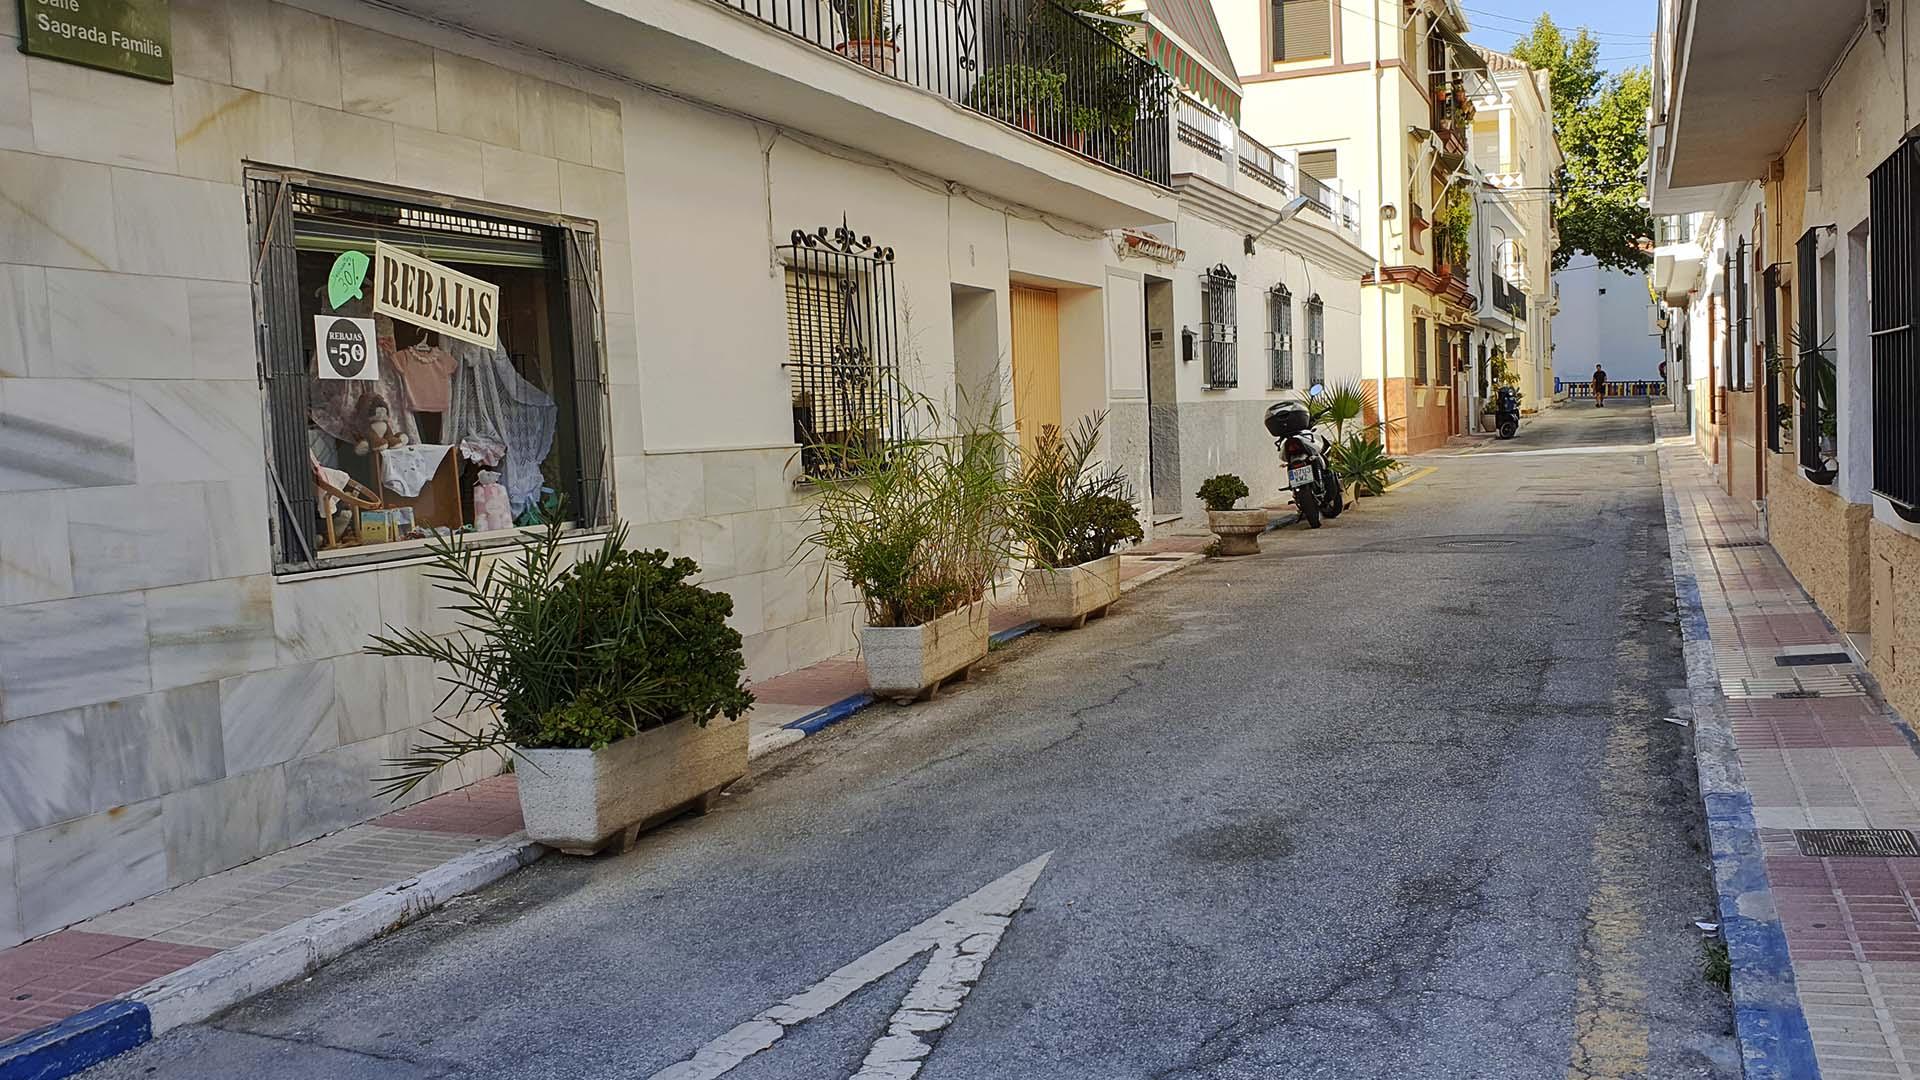 Se invertirán casi 800.000 euros en el mantenimiento de varias calles de San Pedro Alcántara